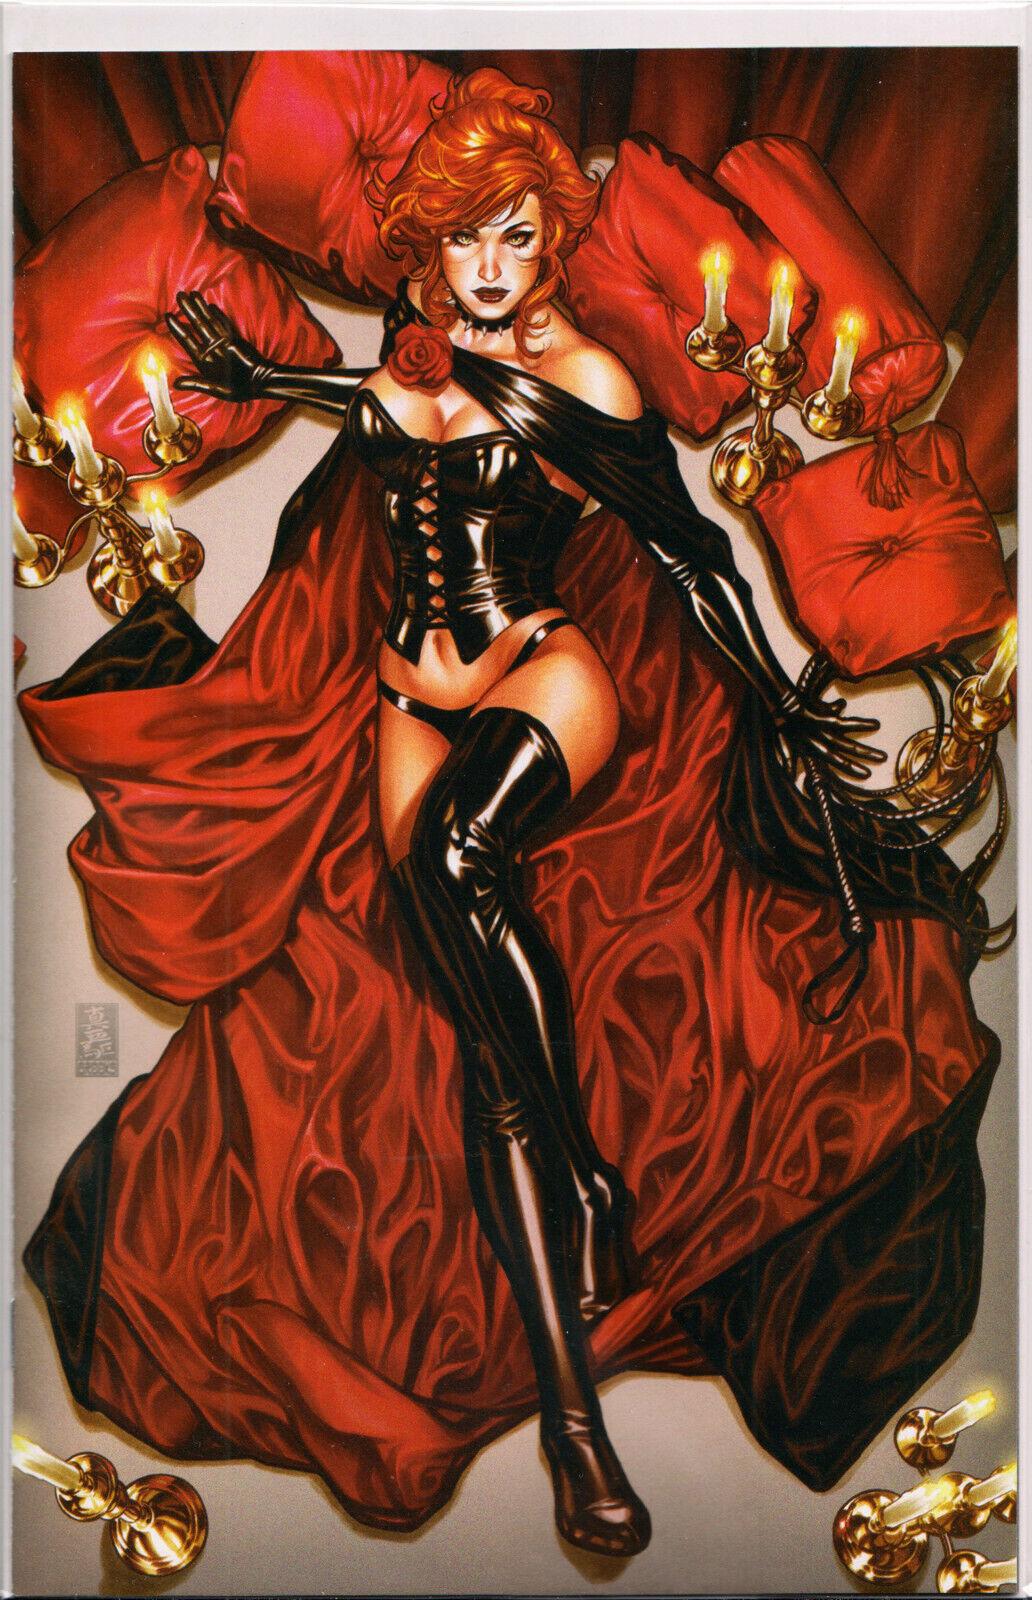 IN STOCK MARK BROOKS EXCLUSIVE VIRGIN VARIANT X-MEN #6 COMIC ~ Marvel Comics